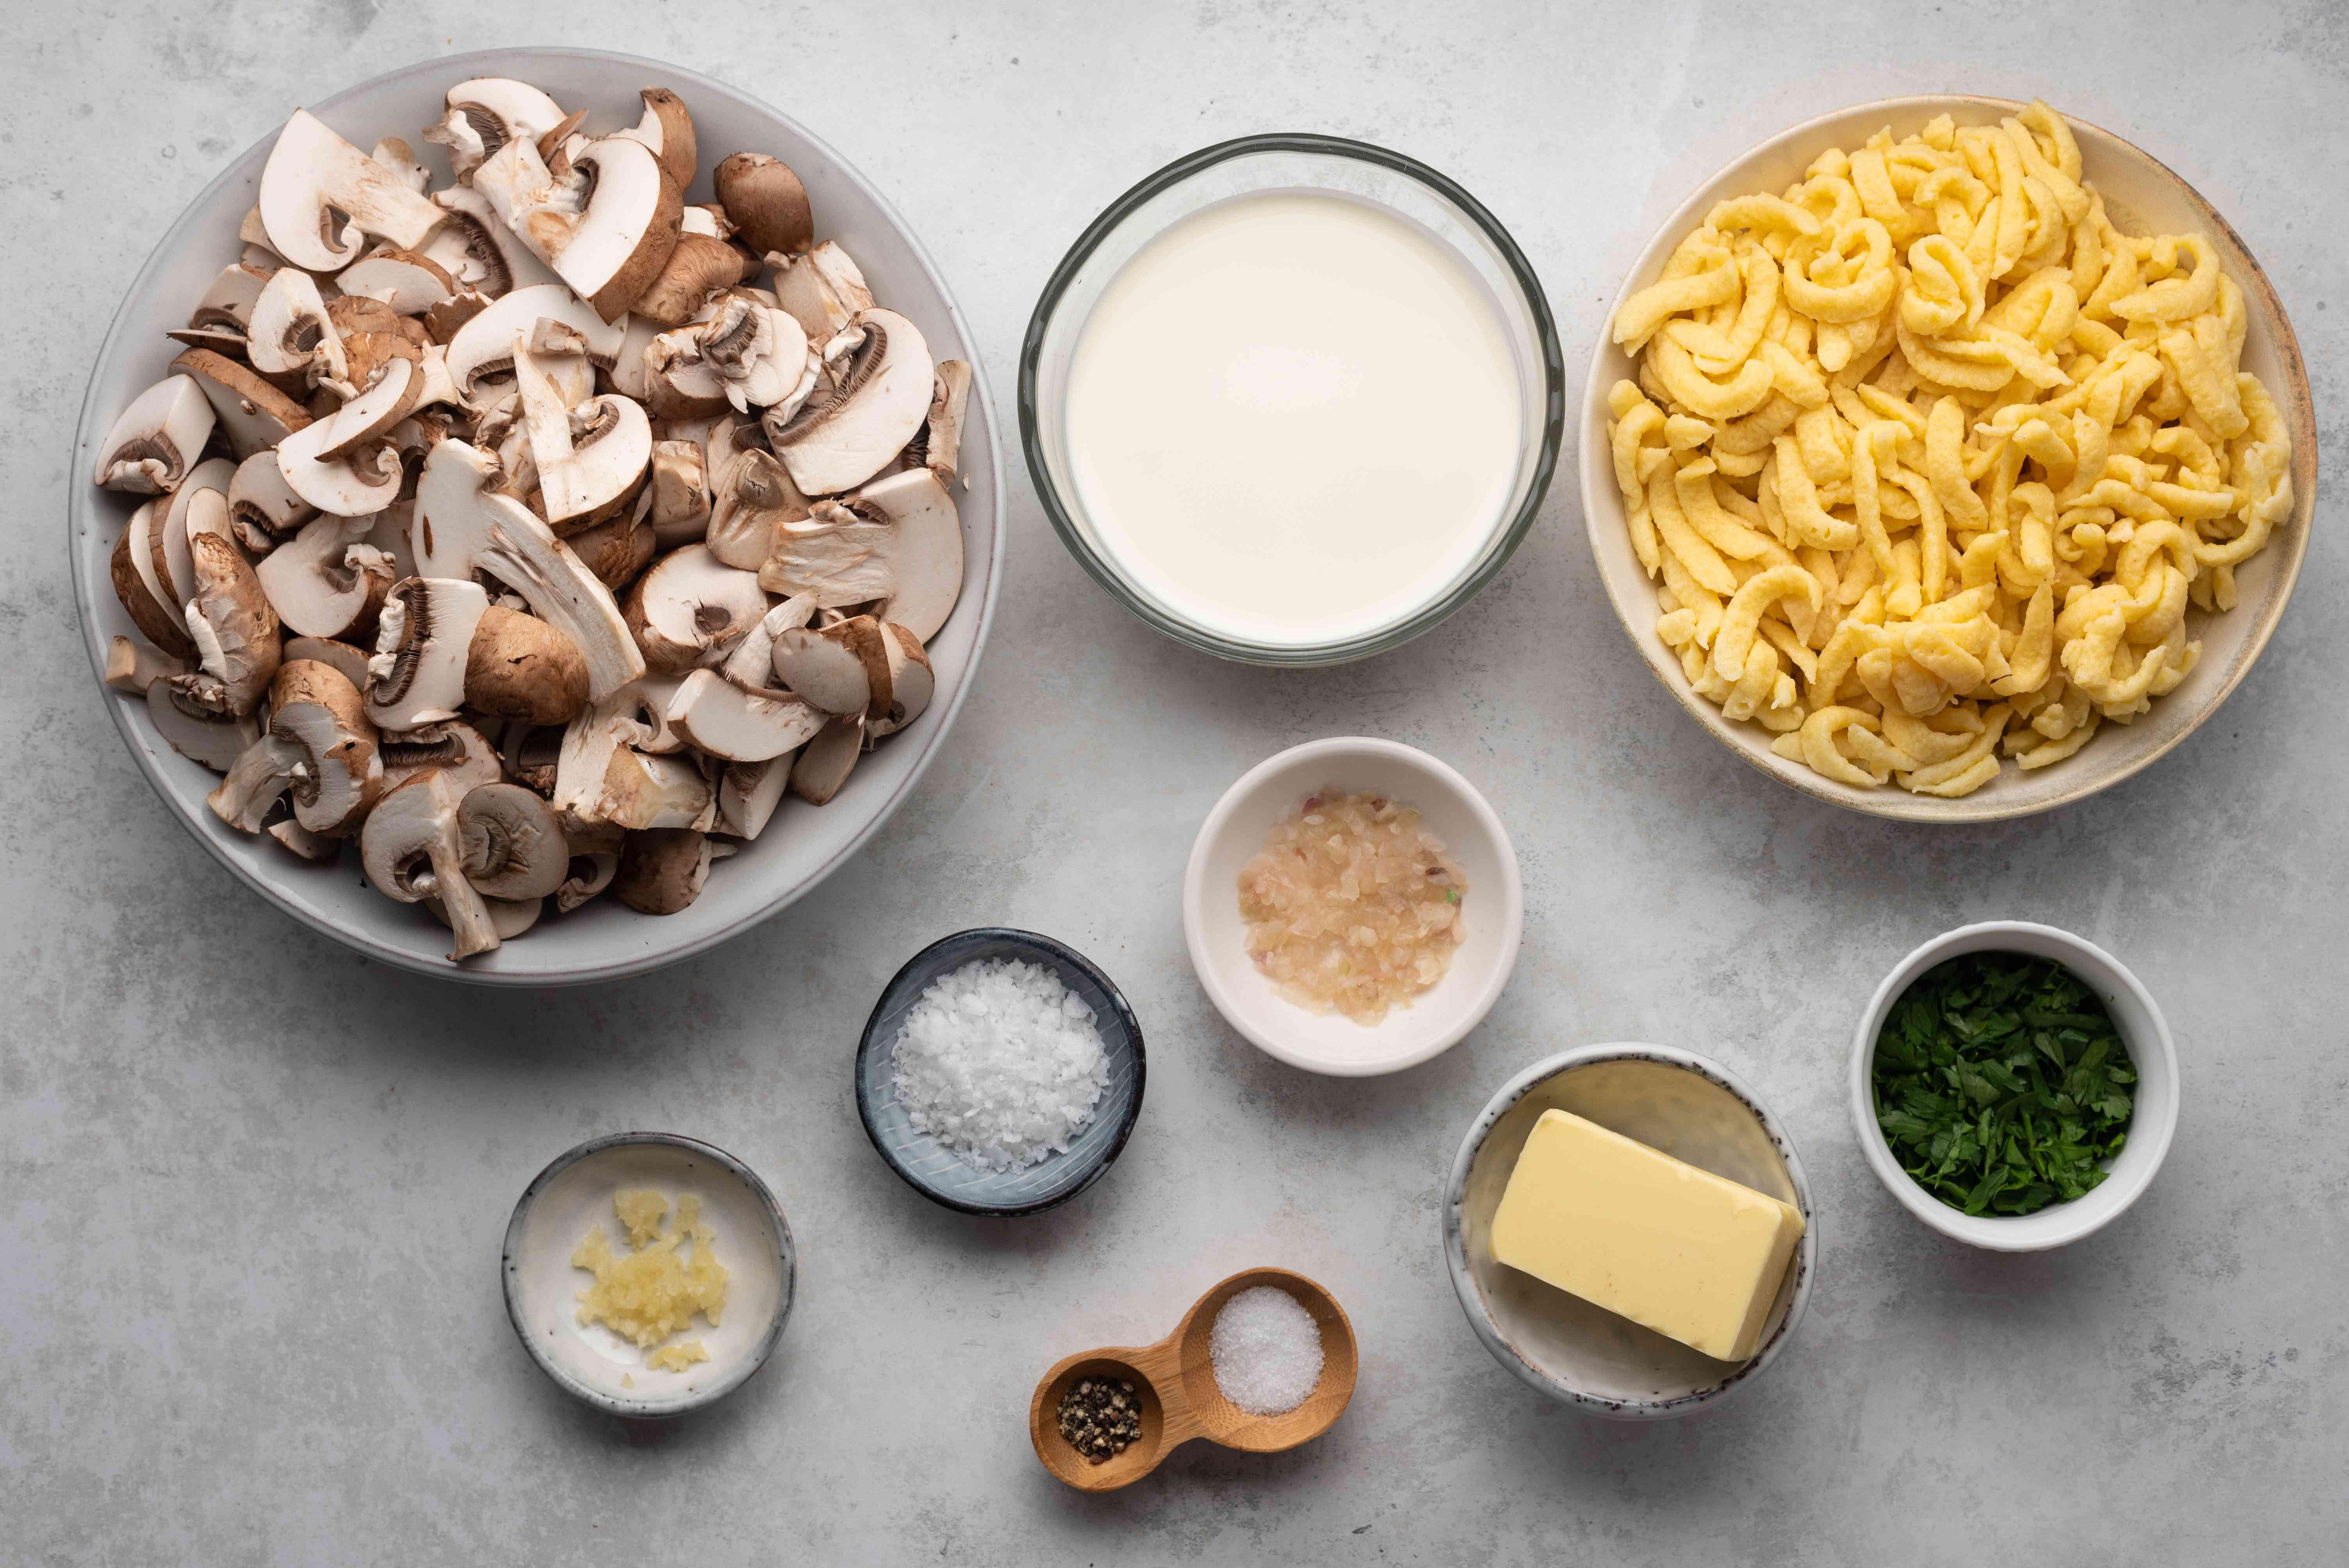 Spaetzle With Mushrooms in Cream Sauce ingredients